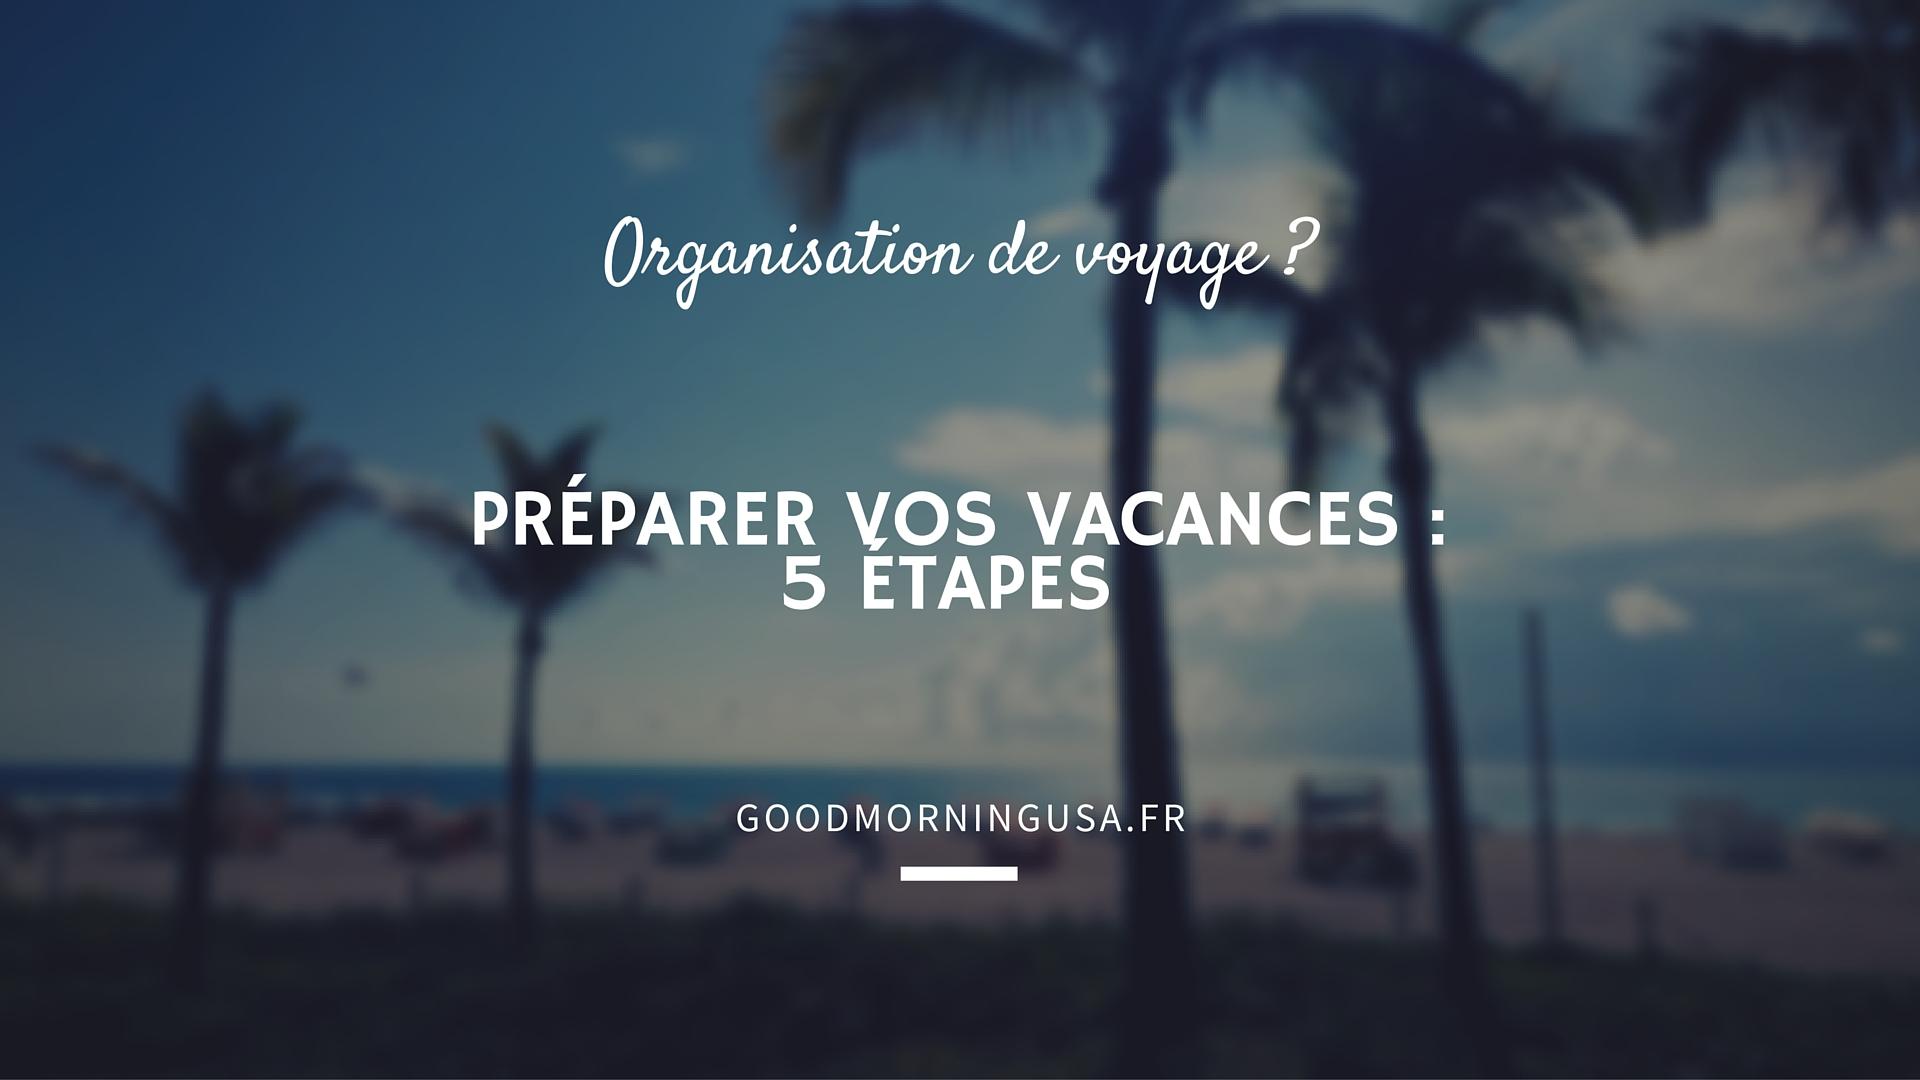 Préparer et organiser ses vacances : comment ne pas se rater ?